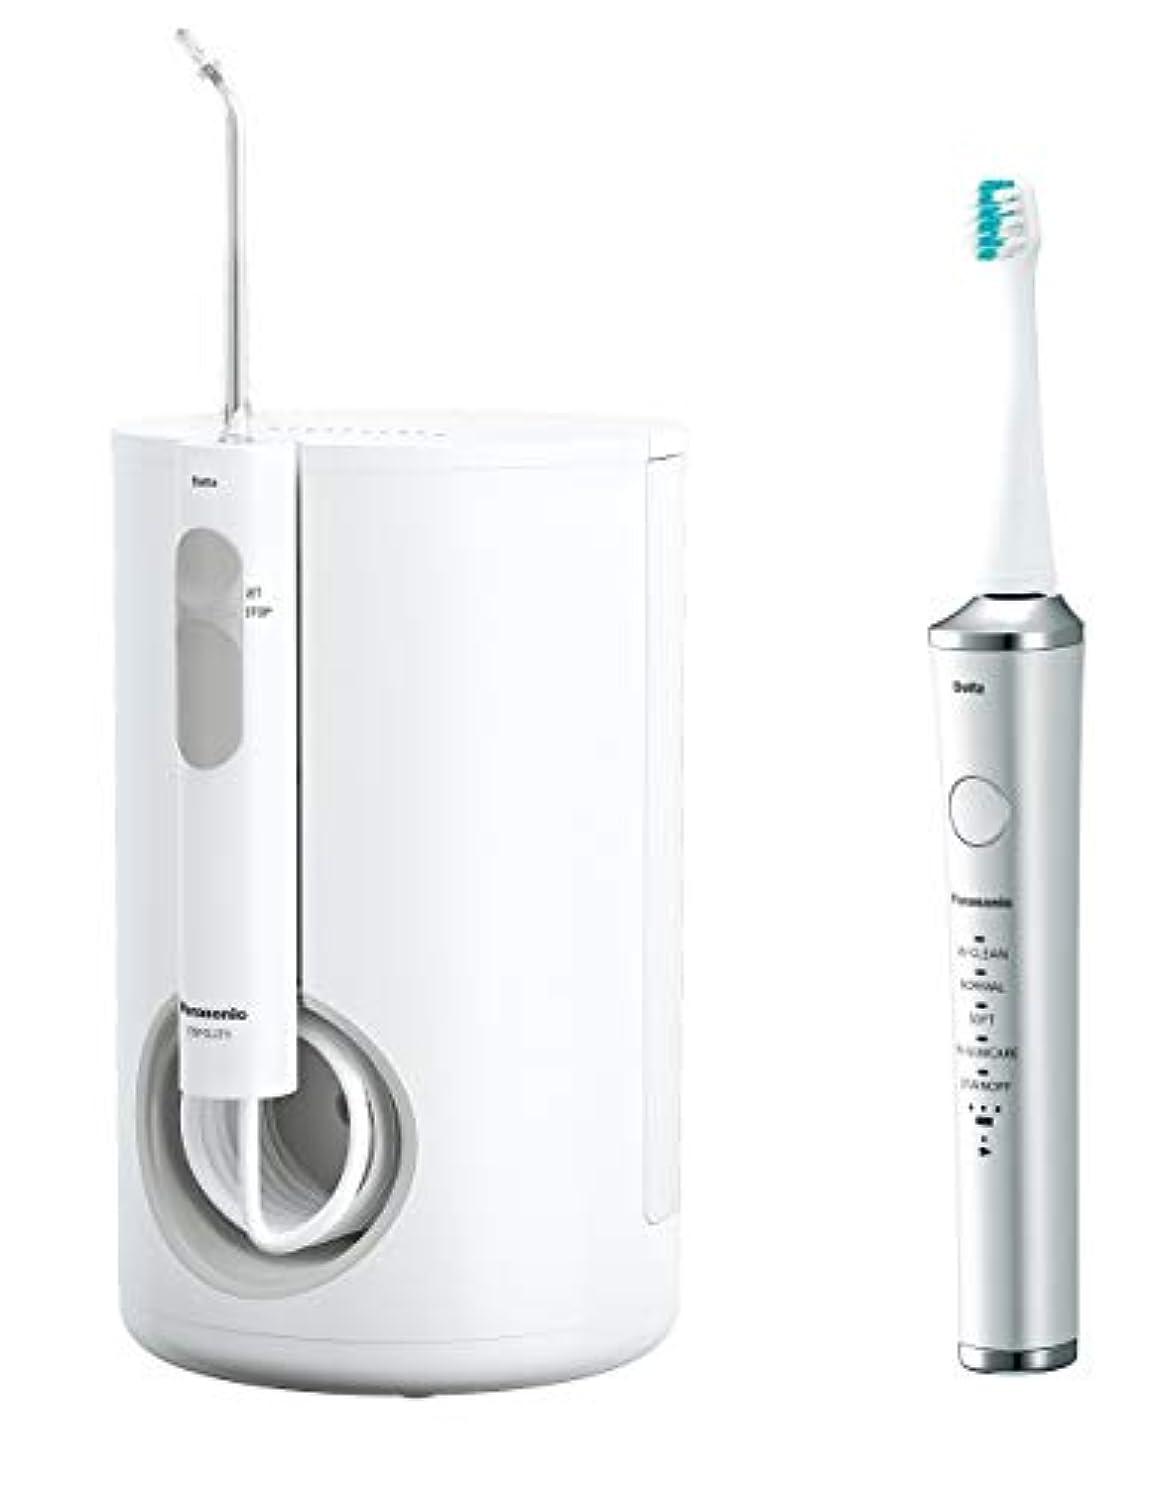 ワームセージ段落パナソニック 口腔洗浄器 ジェットウォッシャー ドルツ 白 EW-DJ71-W + 電動歯ブラシ ドルツ セット